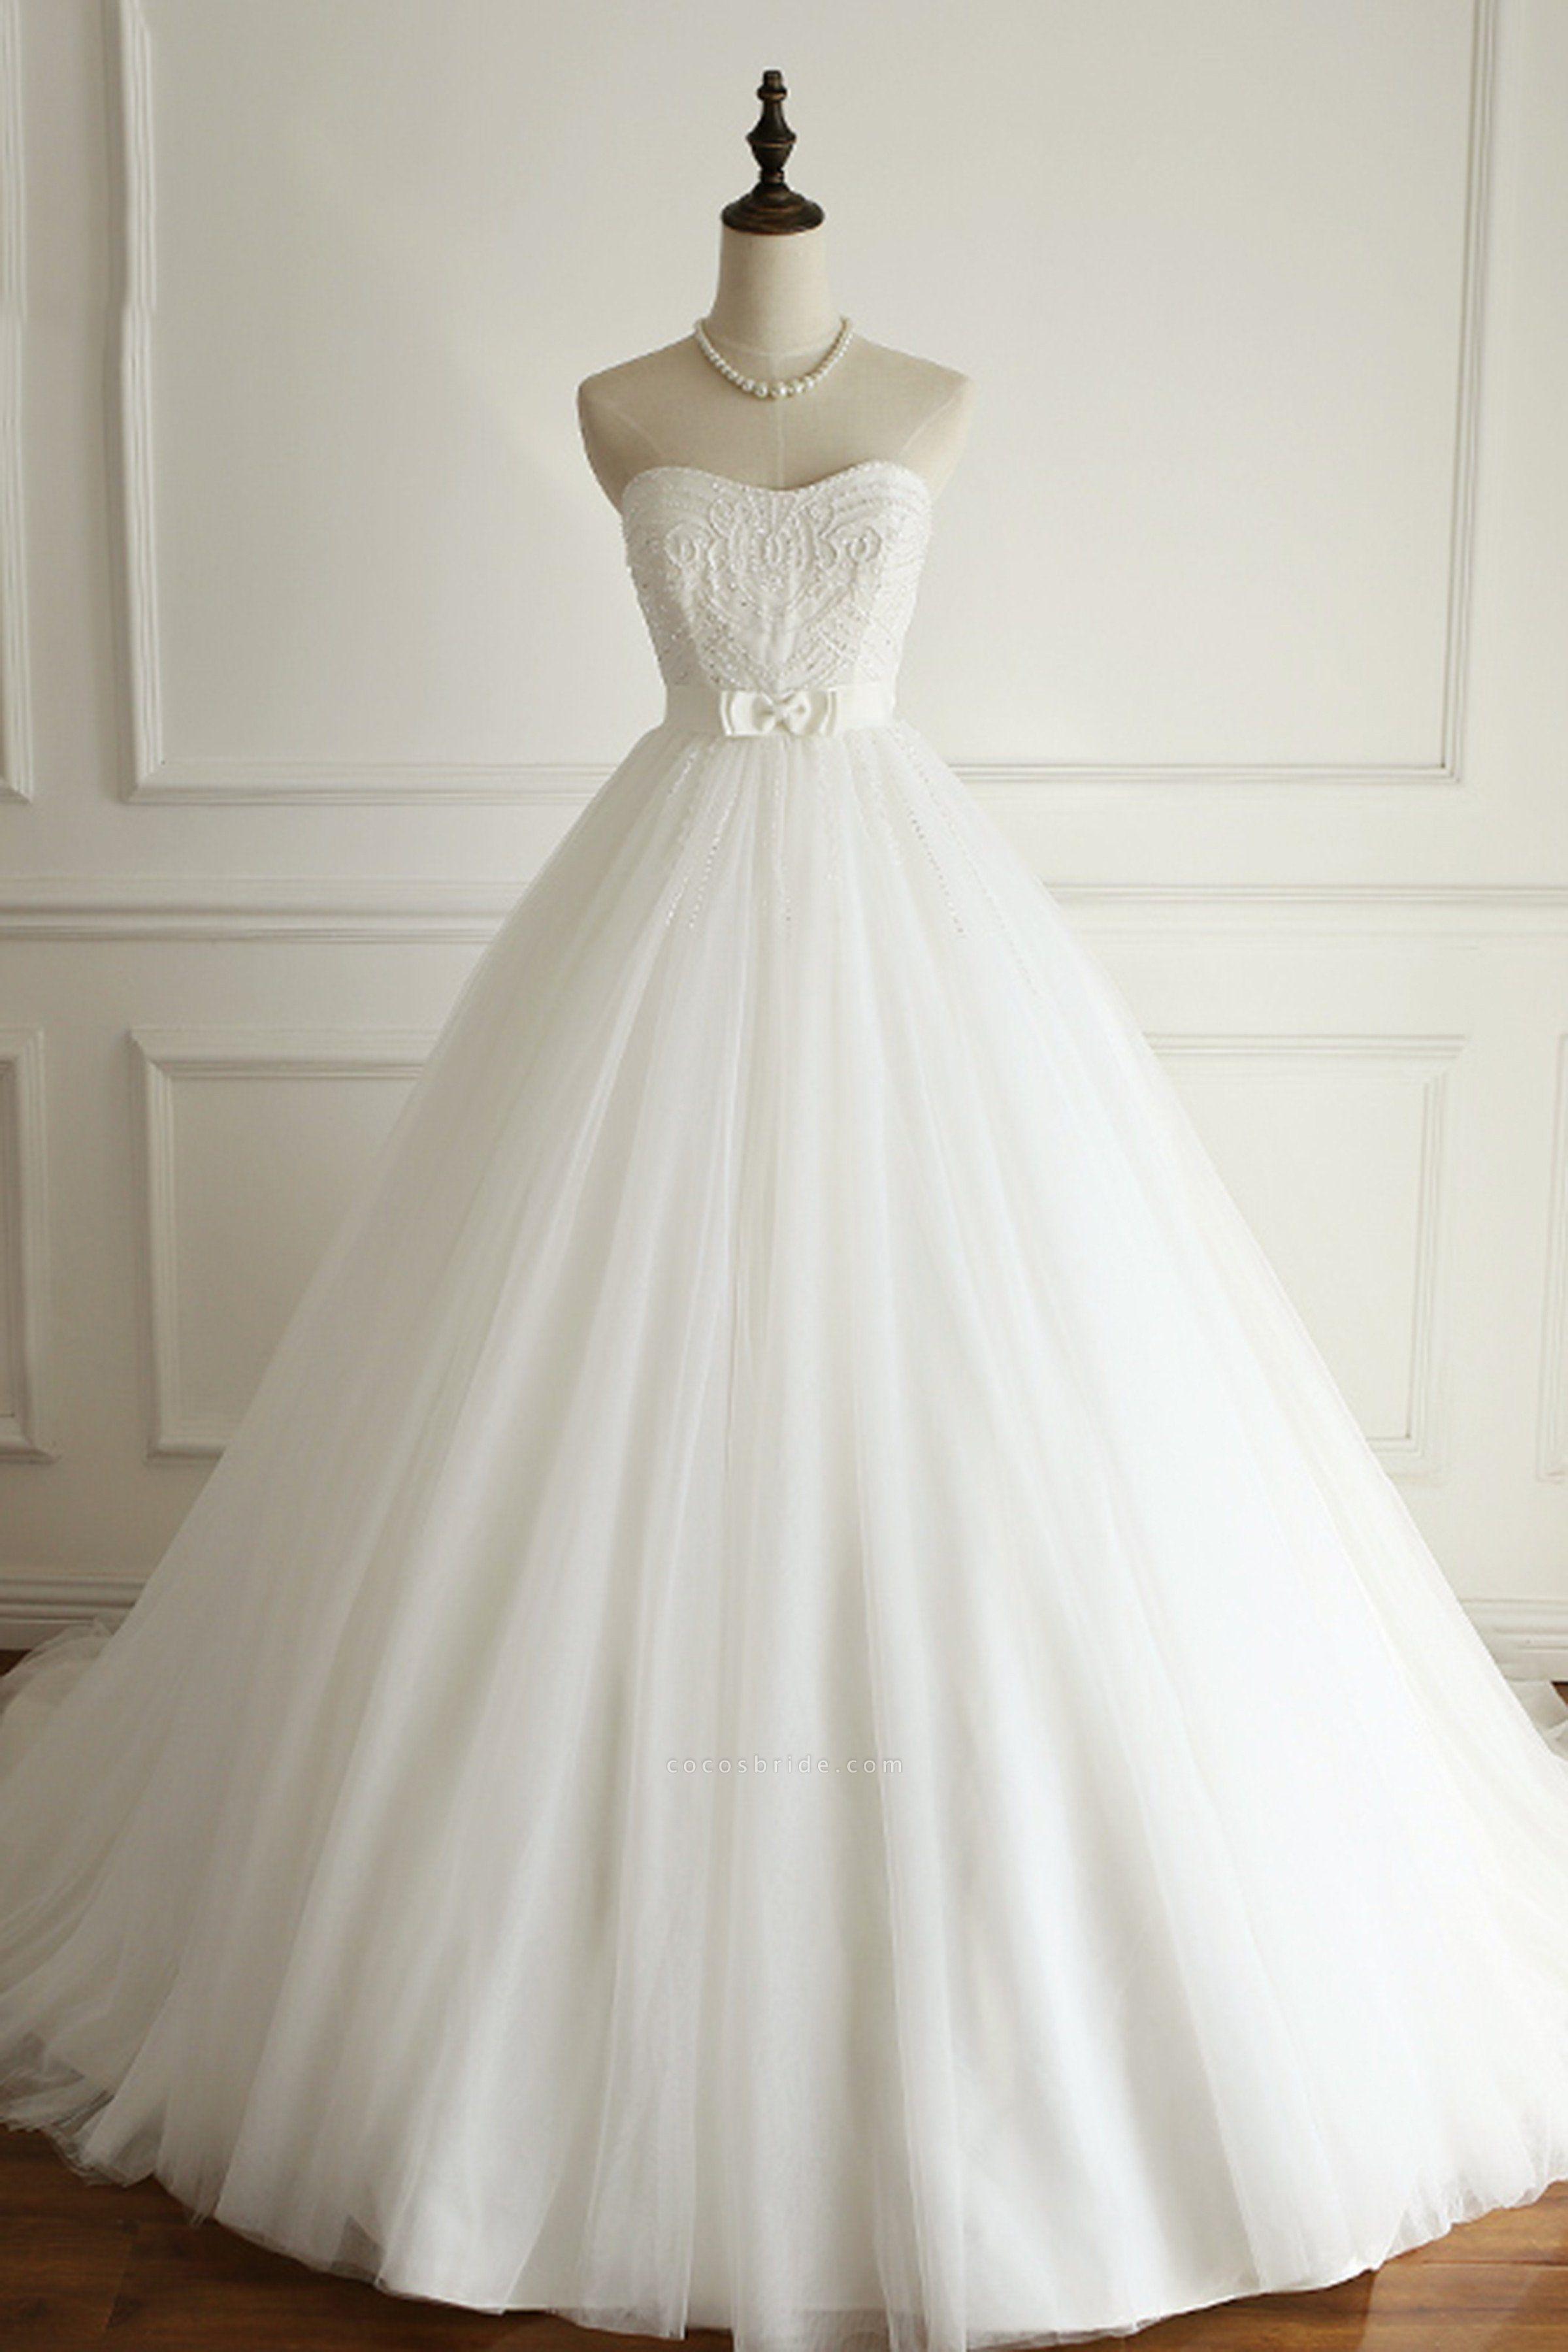 White Tulle Sweetheart Beaded Wedding Dress